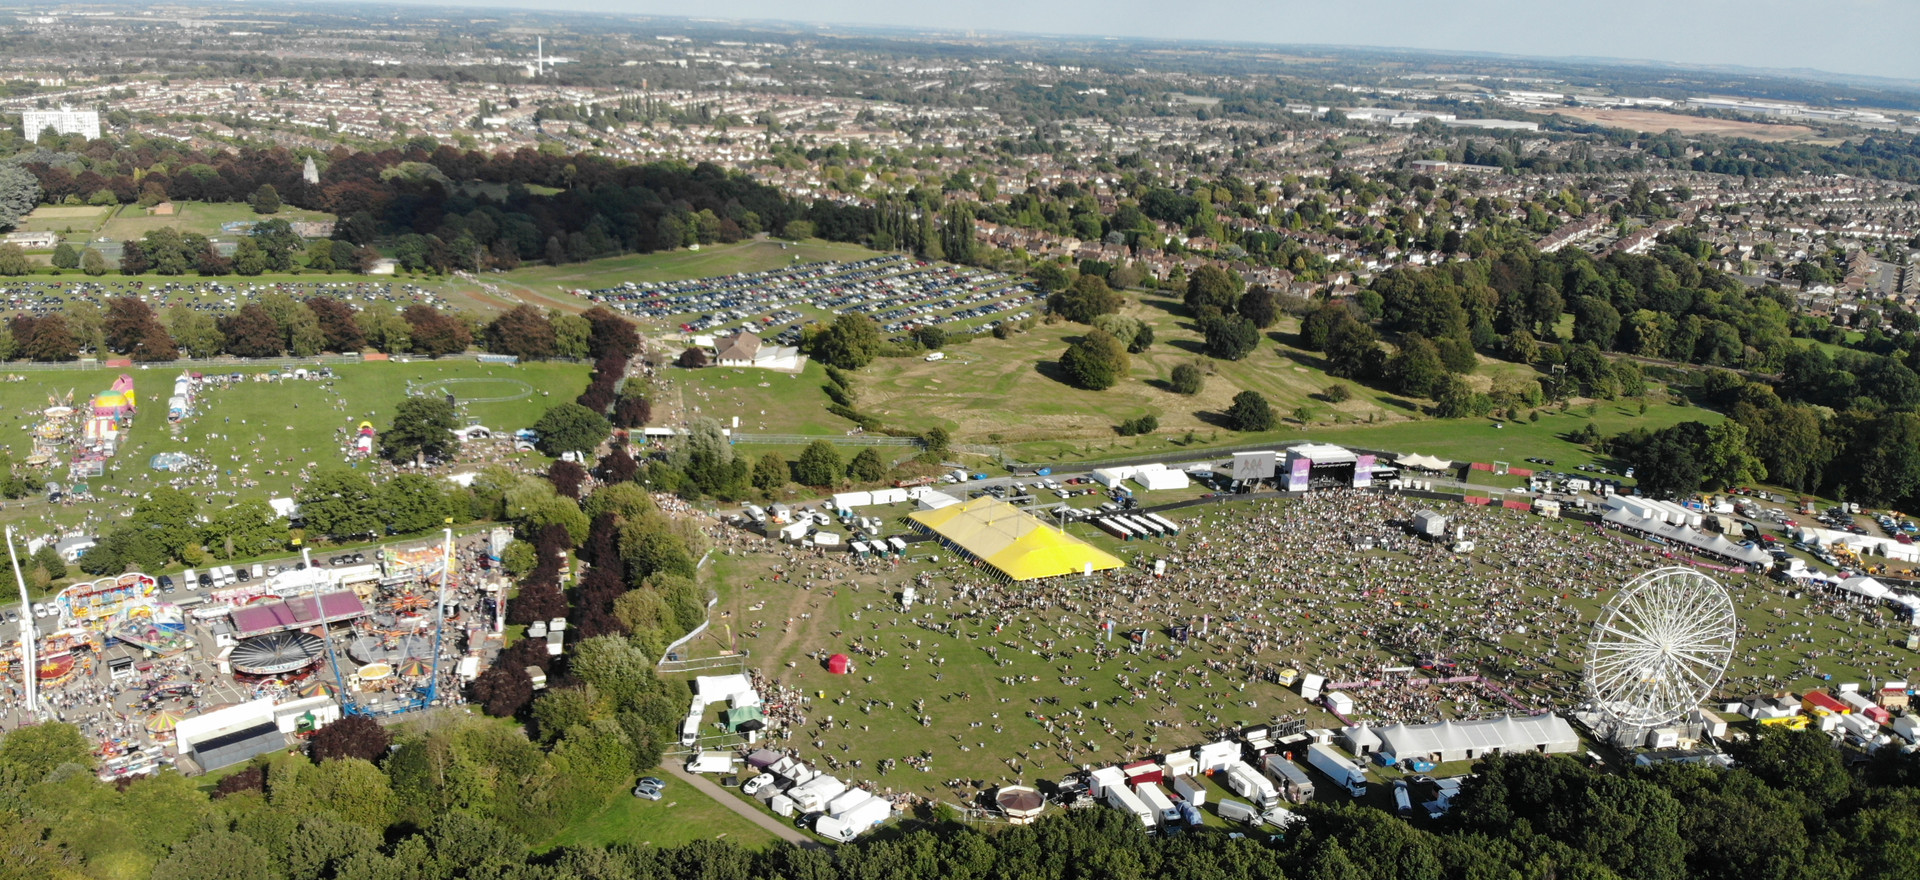 Godiva Festival